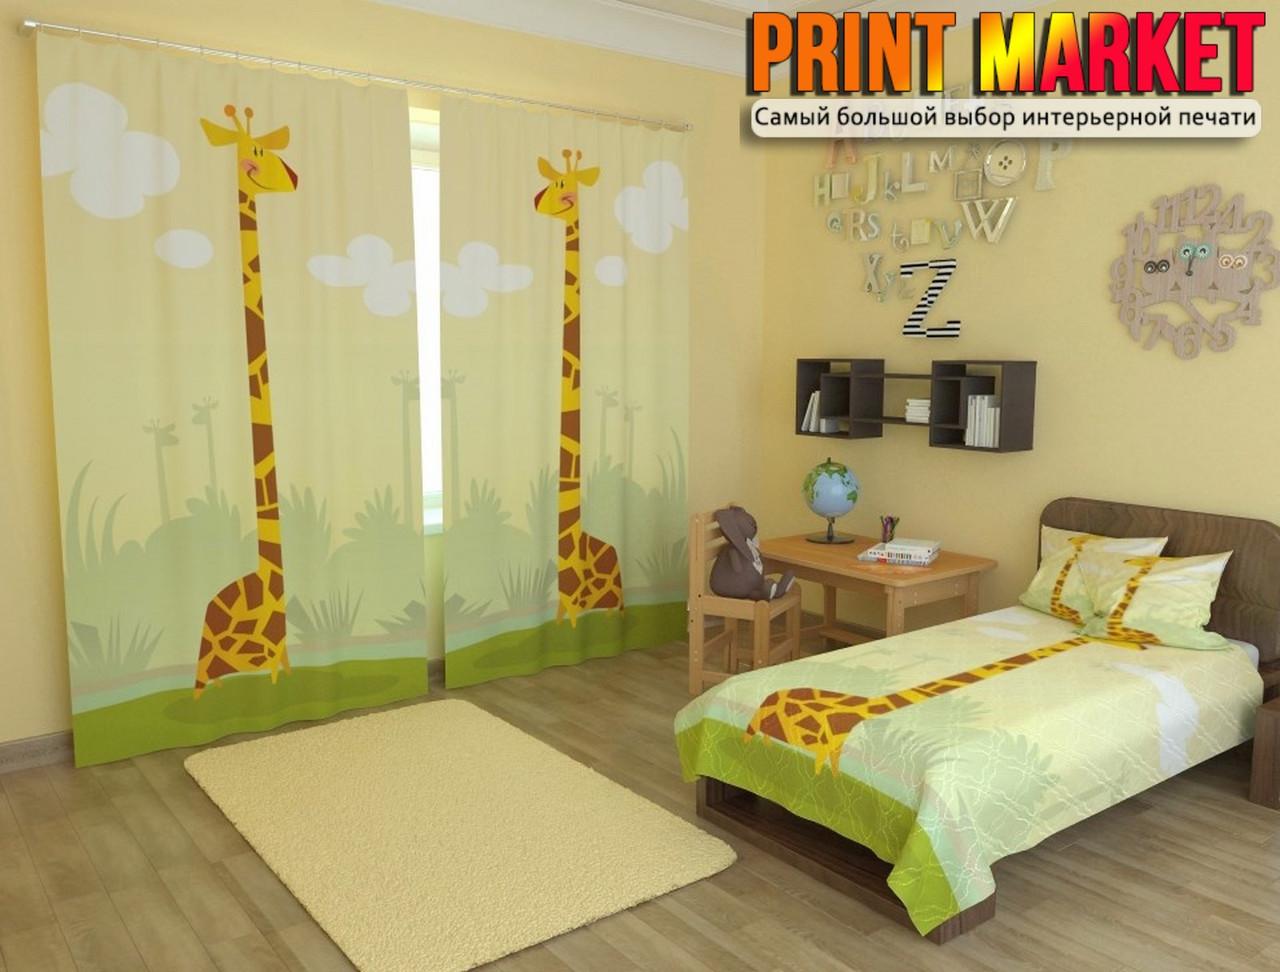 Фотошторы в детскую  с жирафом